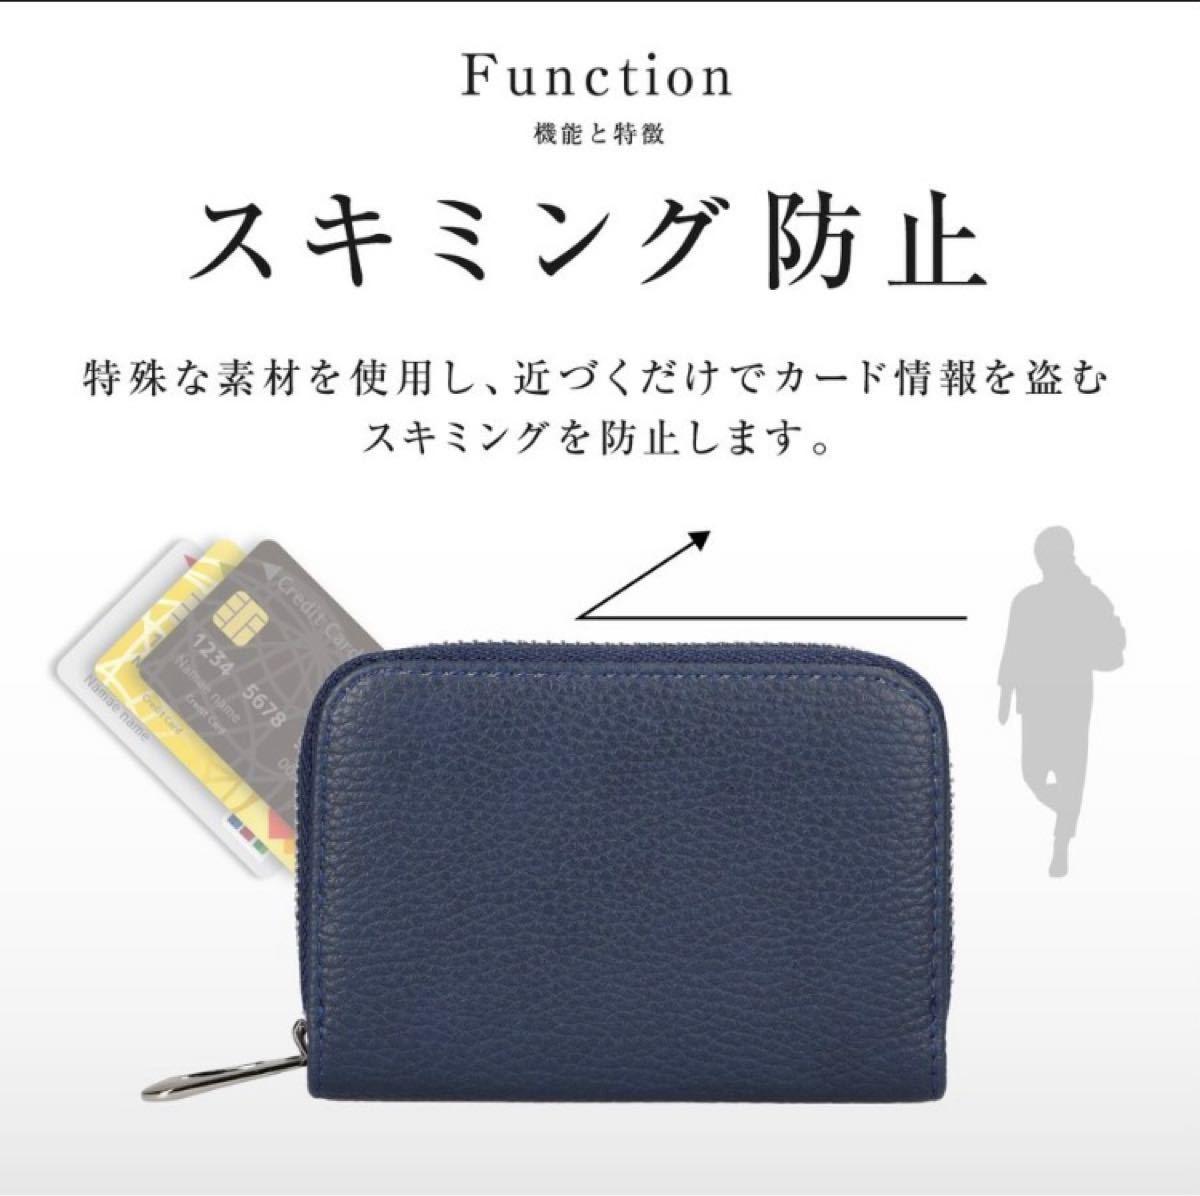 カードケース じゃばら 大容量 薄型 メンズ クレジット スリム コンパクト